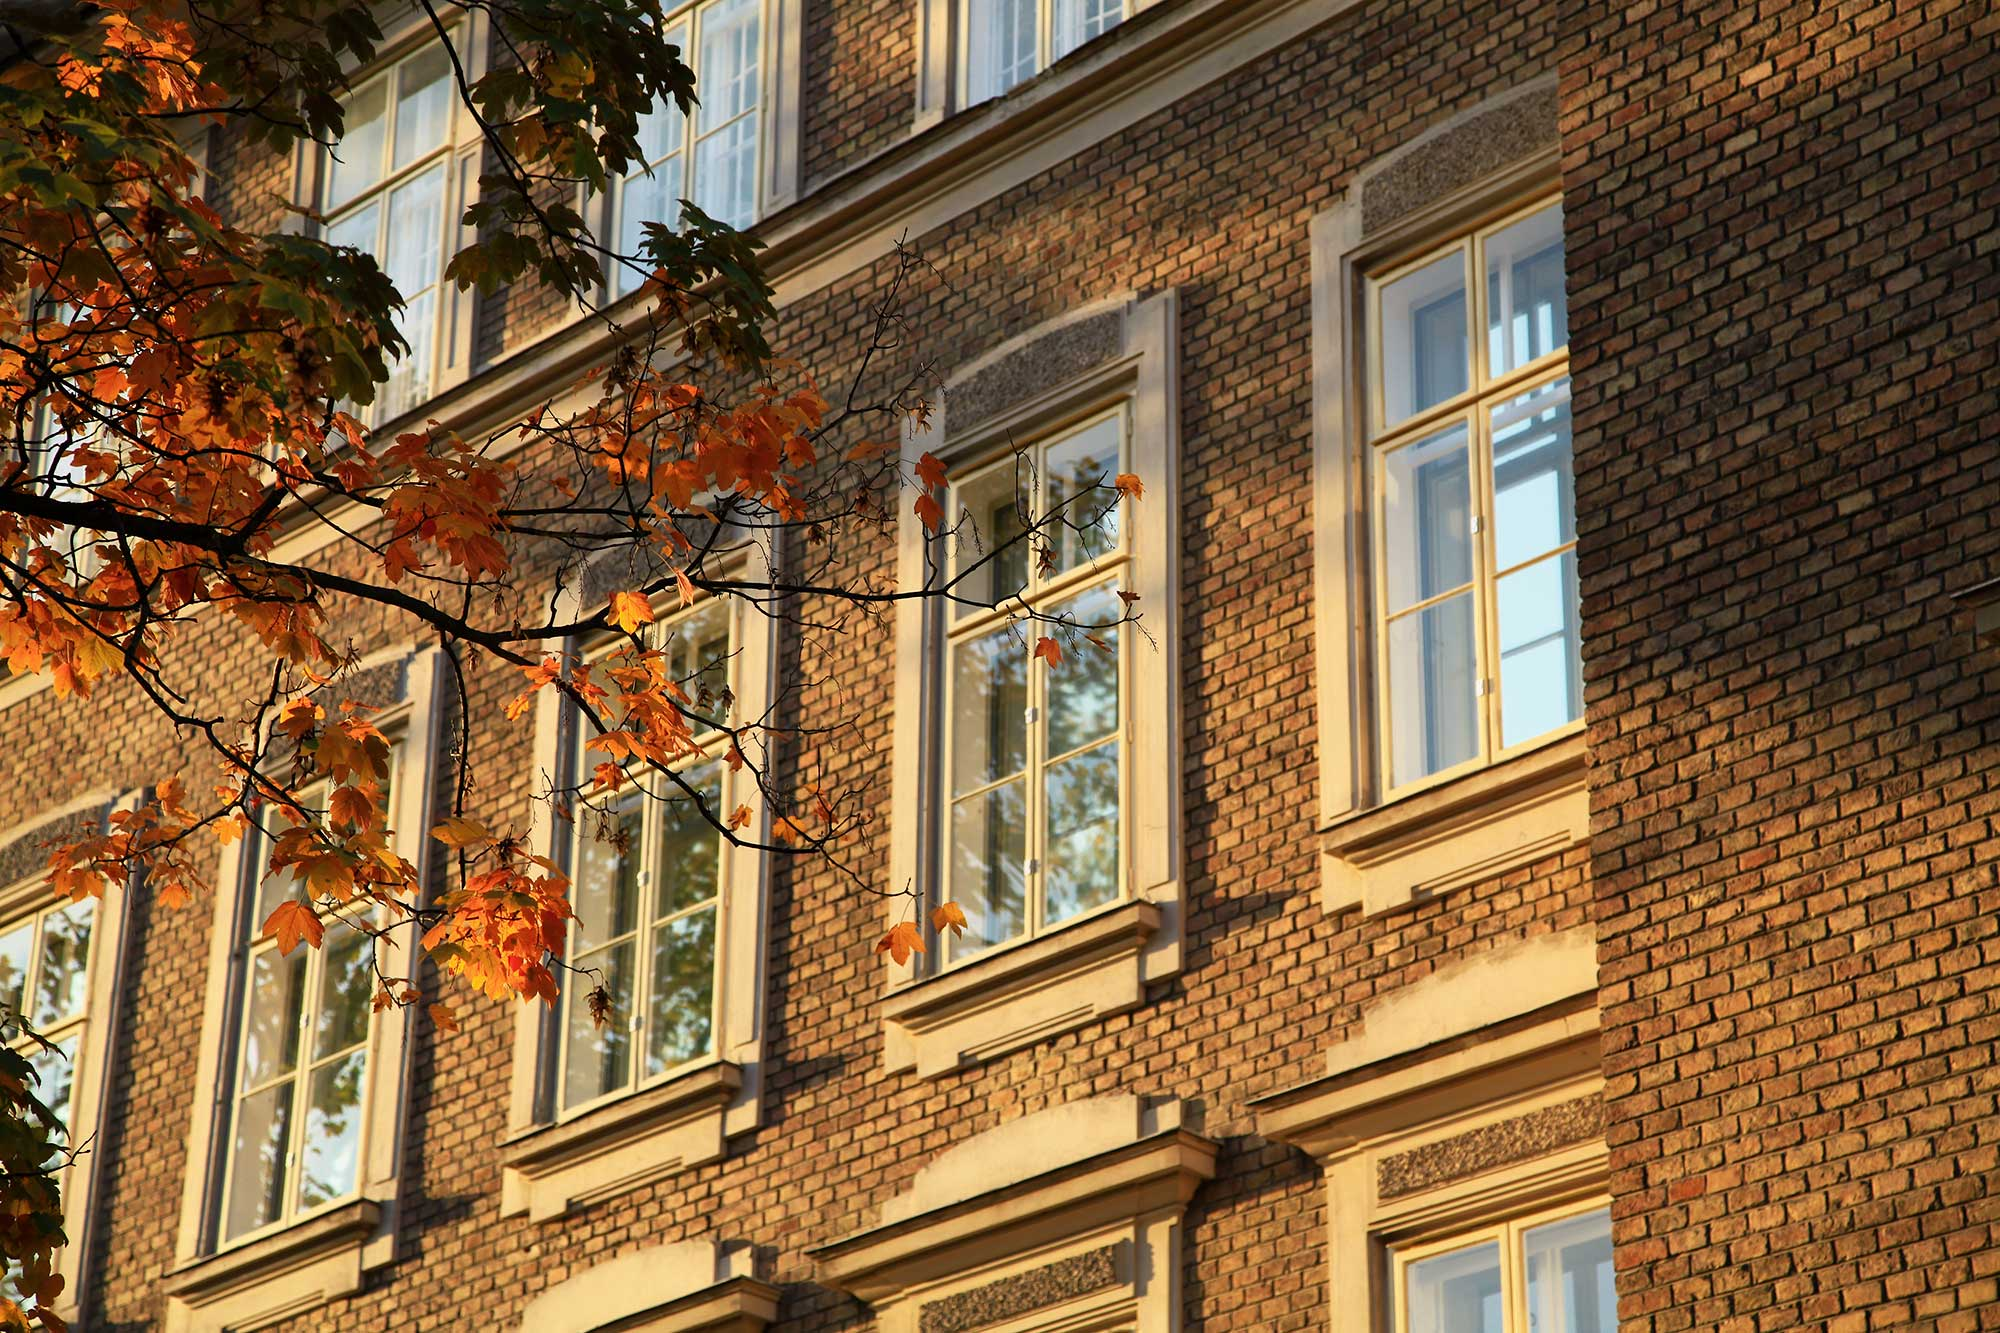 Autumn in Vienna. © Ulli Maier & Nisa Maier